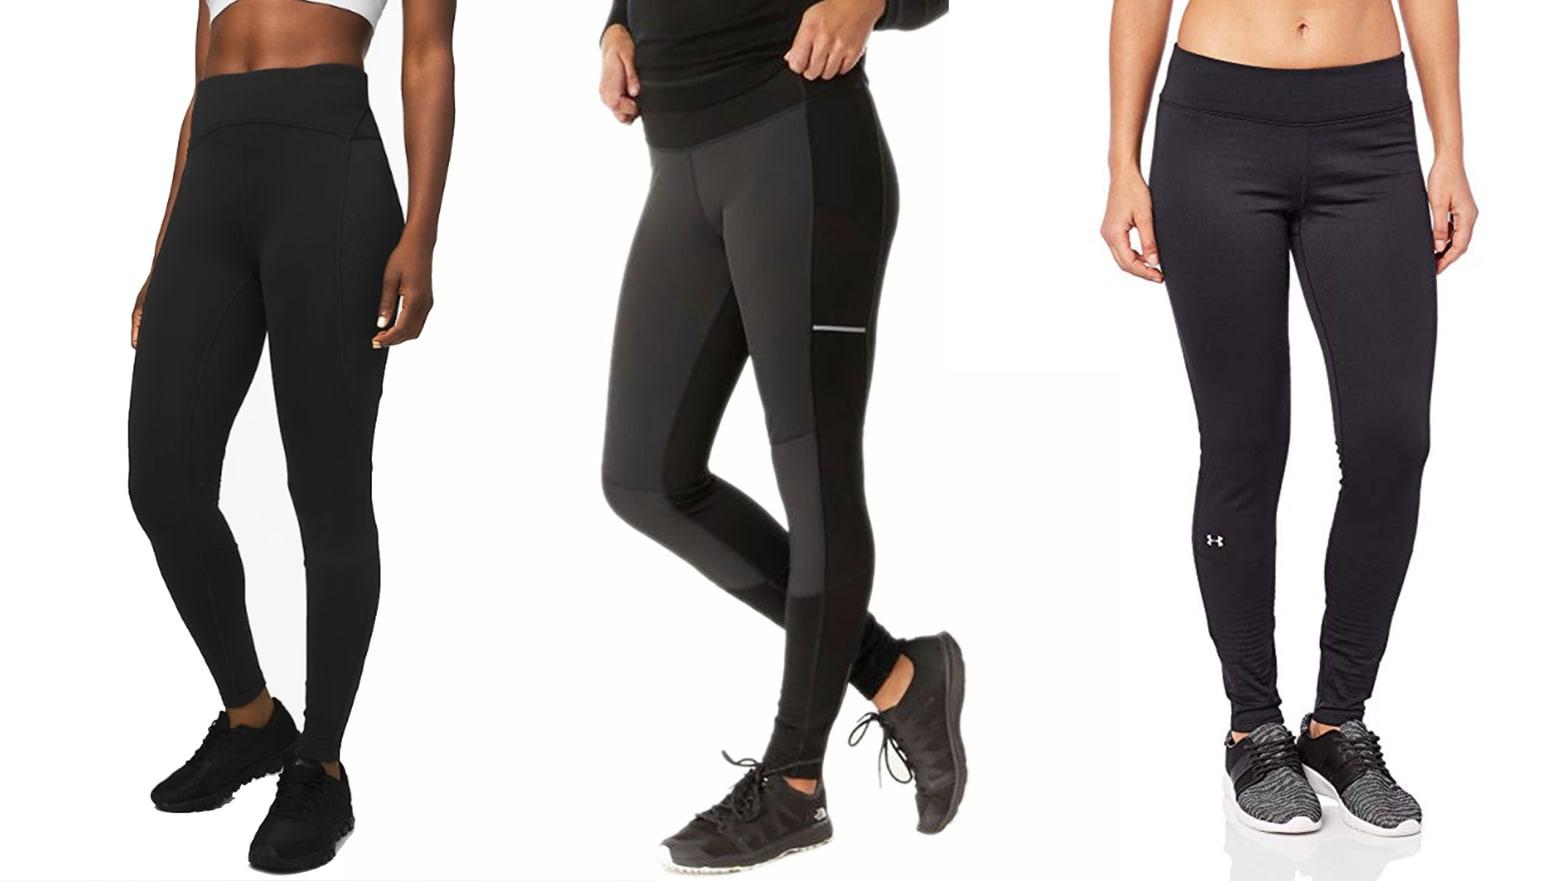 adidas fleece lined leggings